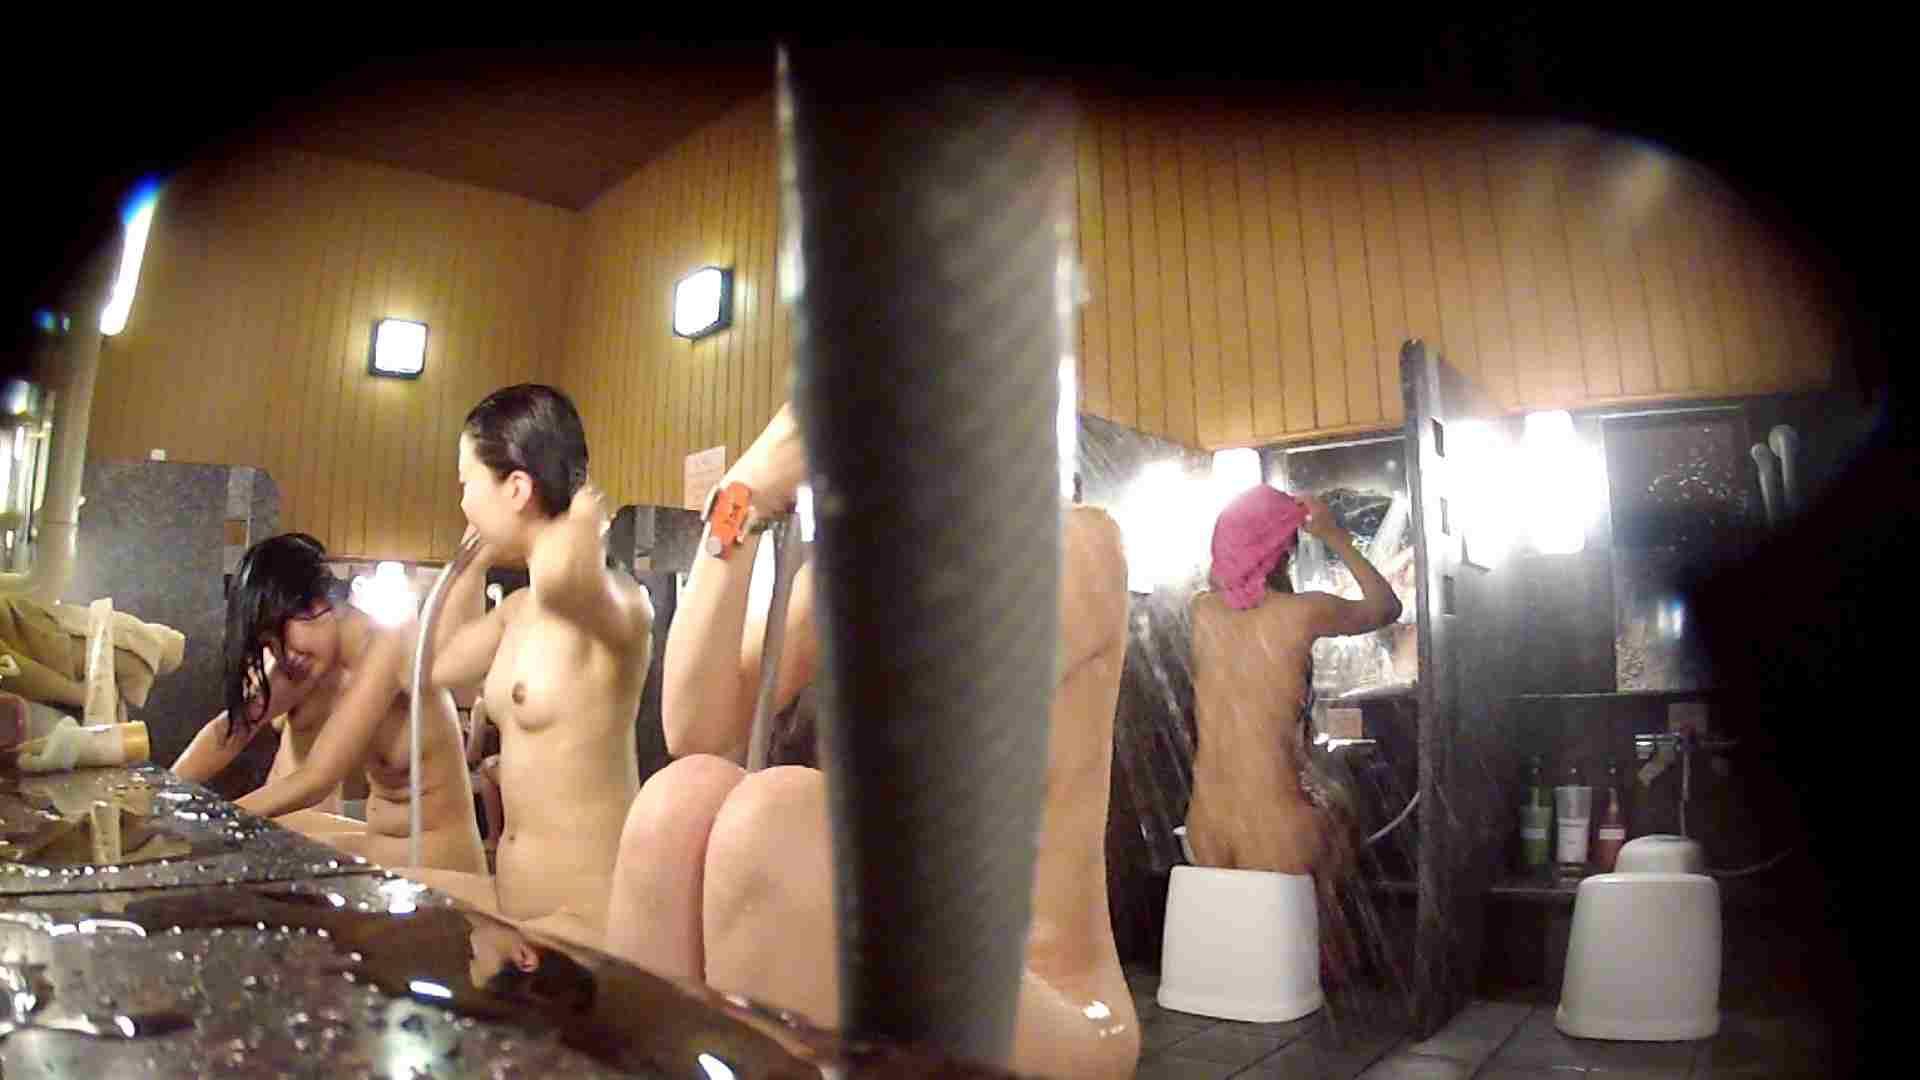 無修正おまんこ動画|ハイビジョン 洗い場!ちょっとケバいですが、美乳です!ホースが・・・|怪盗ジョーカー